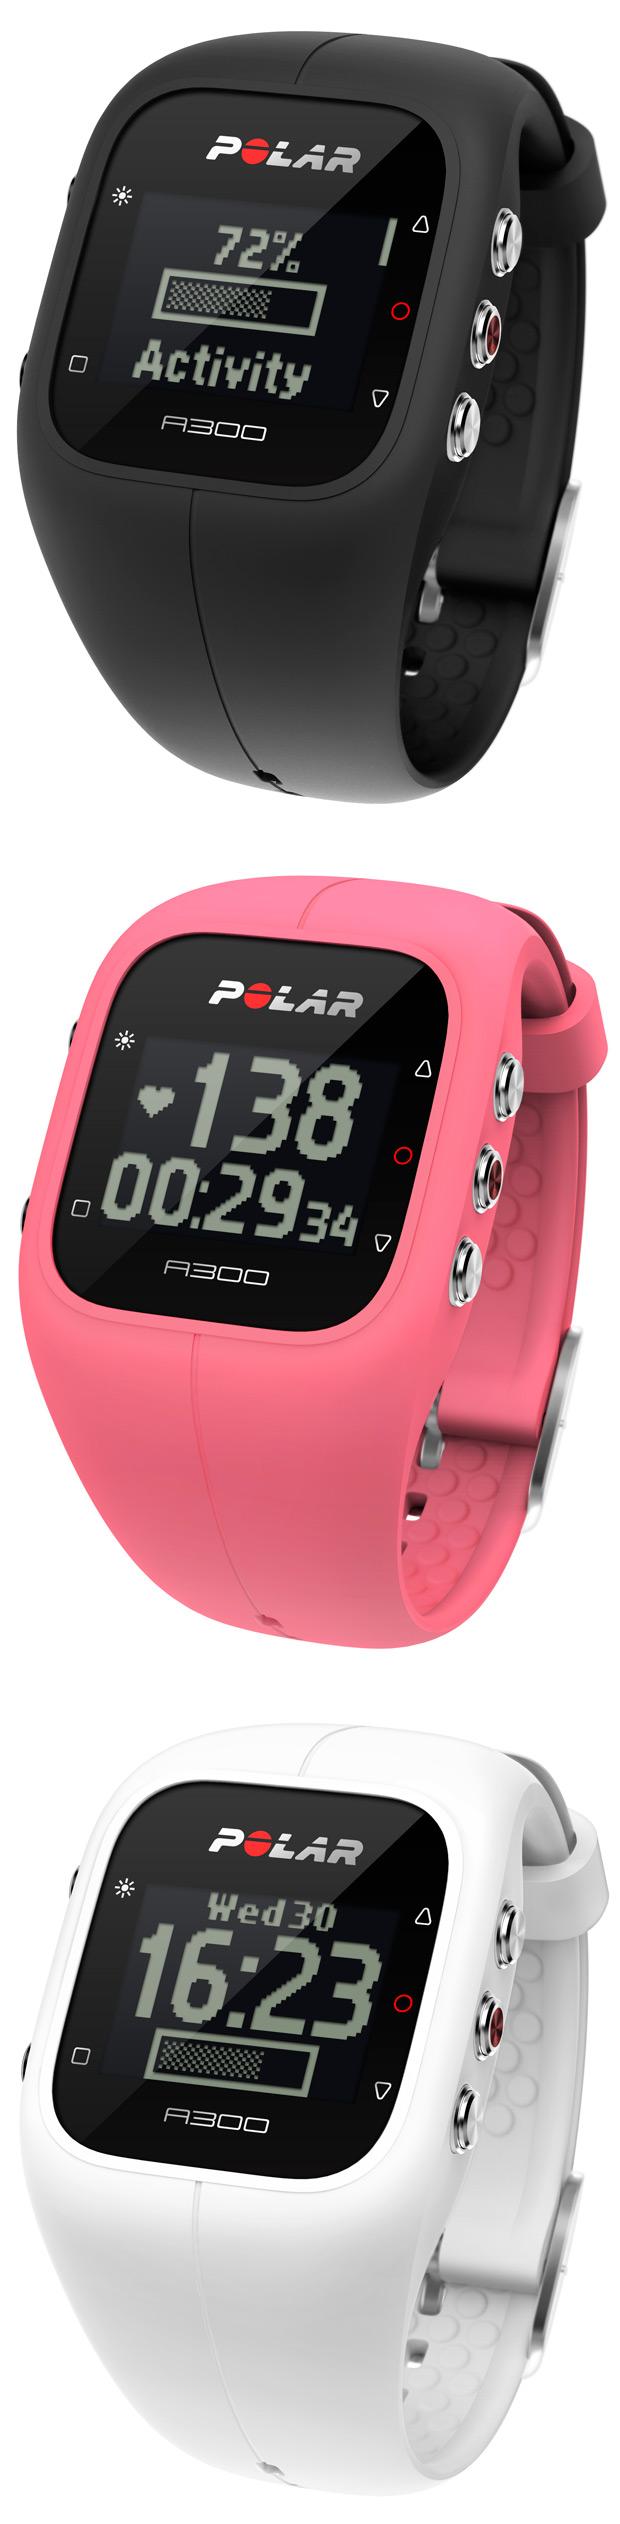 Polar A300, un pulsómetro para entrenar... y para nuestro día a día